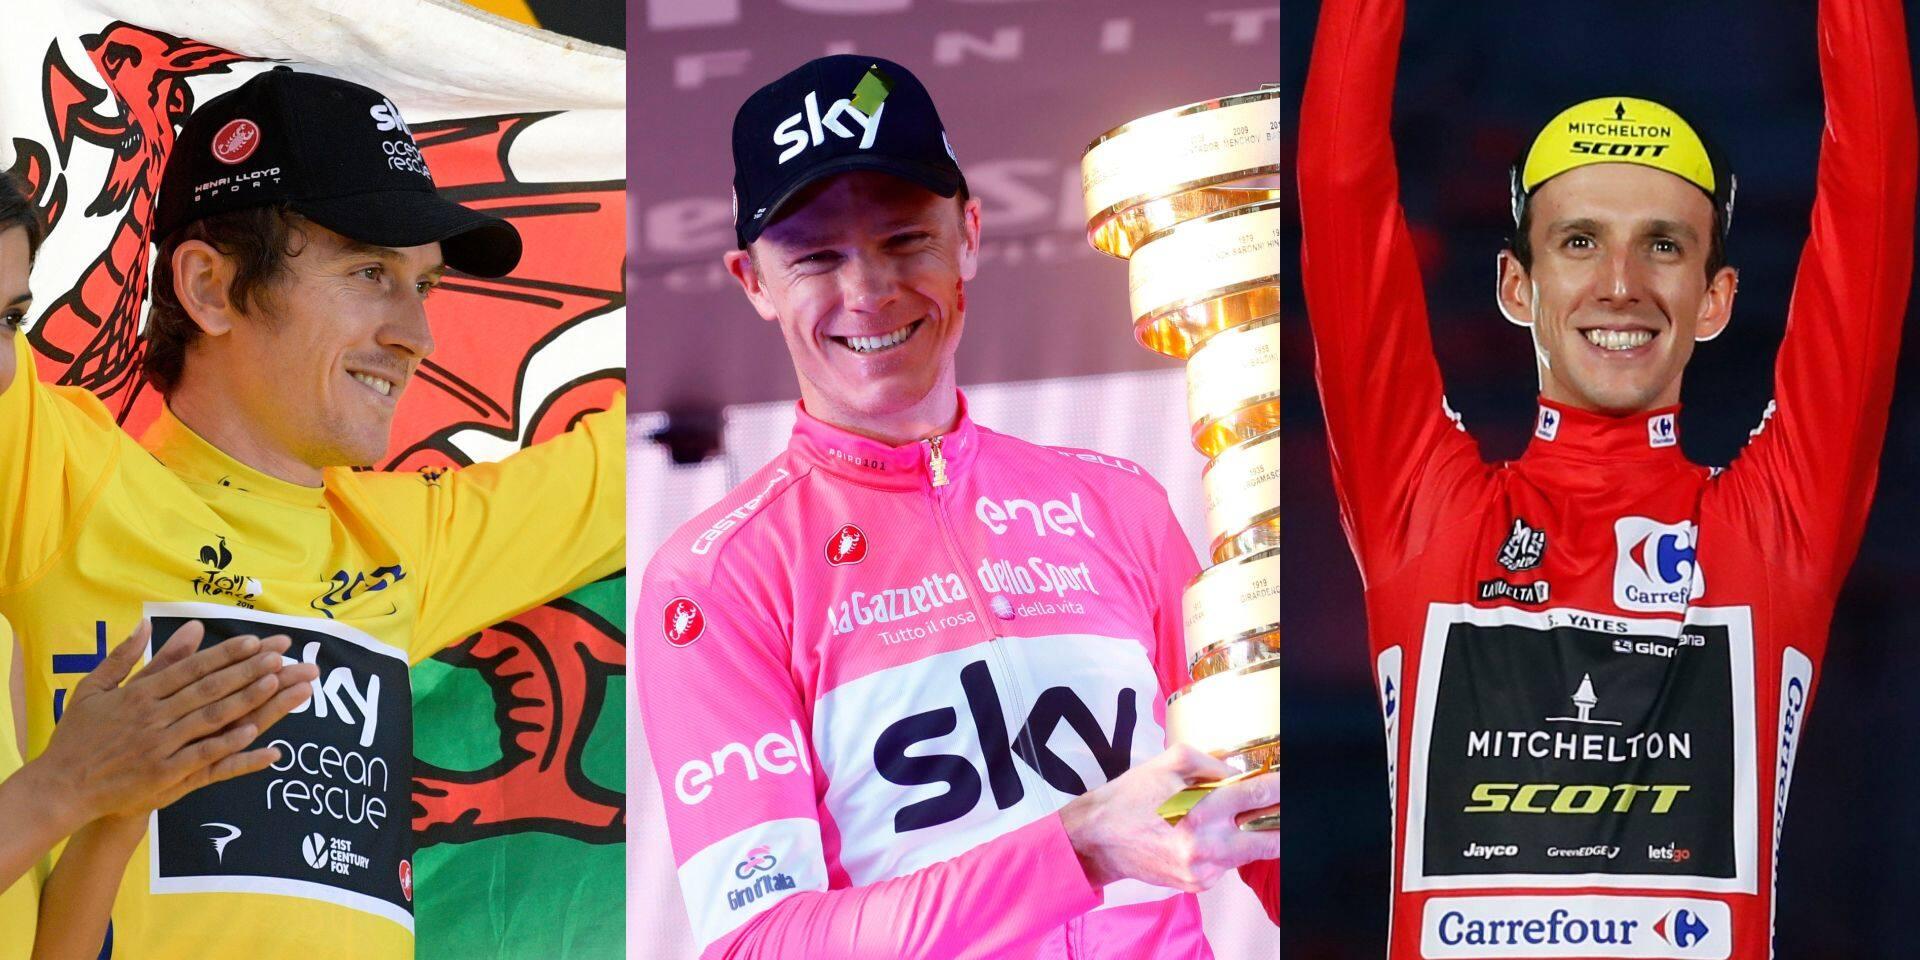 Razzia britannique sur les Grands Tours: aucune nation n'a fait mieux en cinq ans